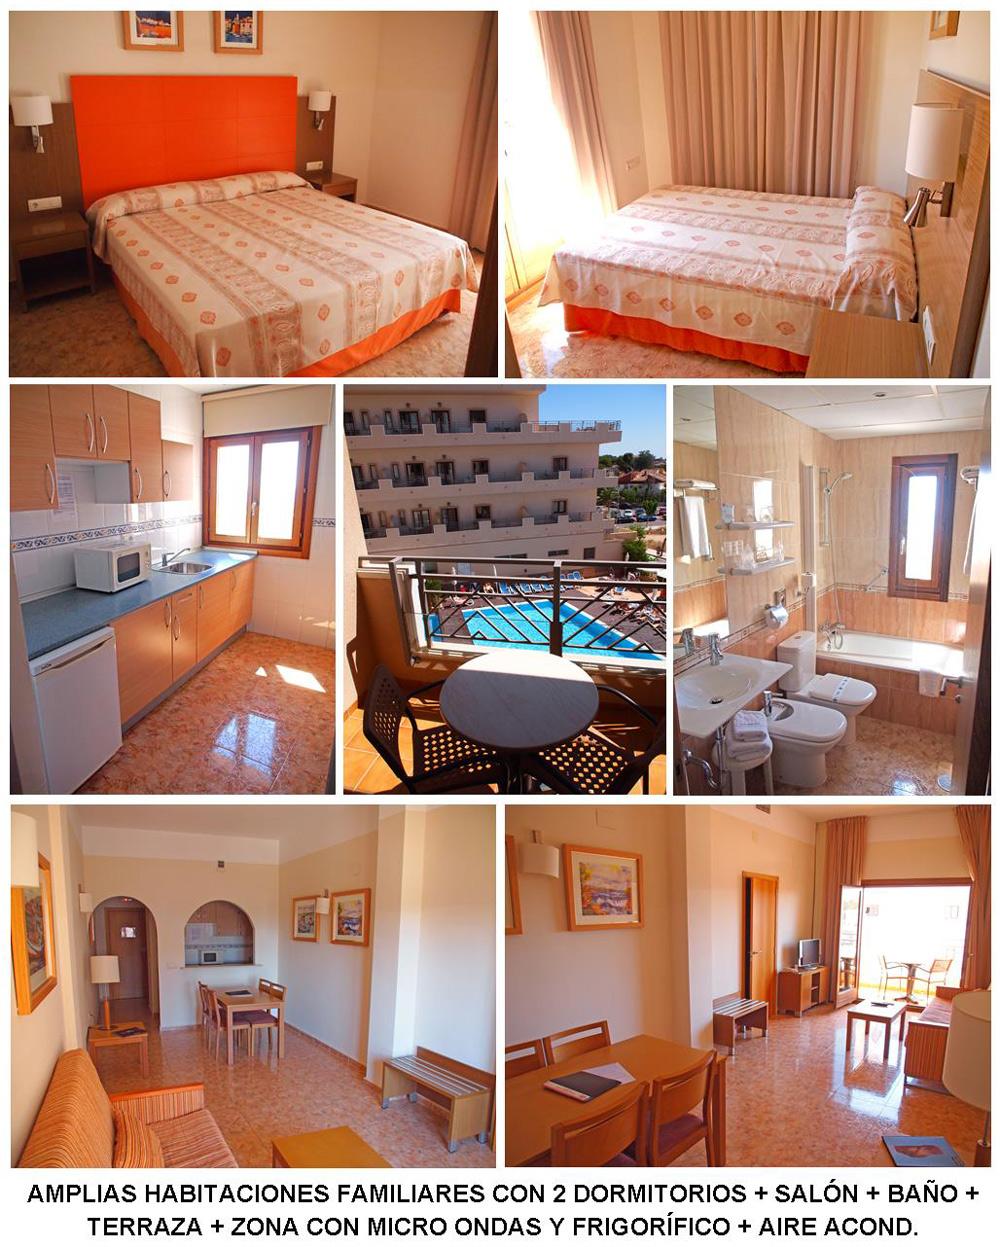 Hotel Costa Narejos. Habitación Familiar. Mar Menor. Los Narejos.